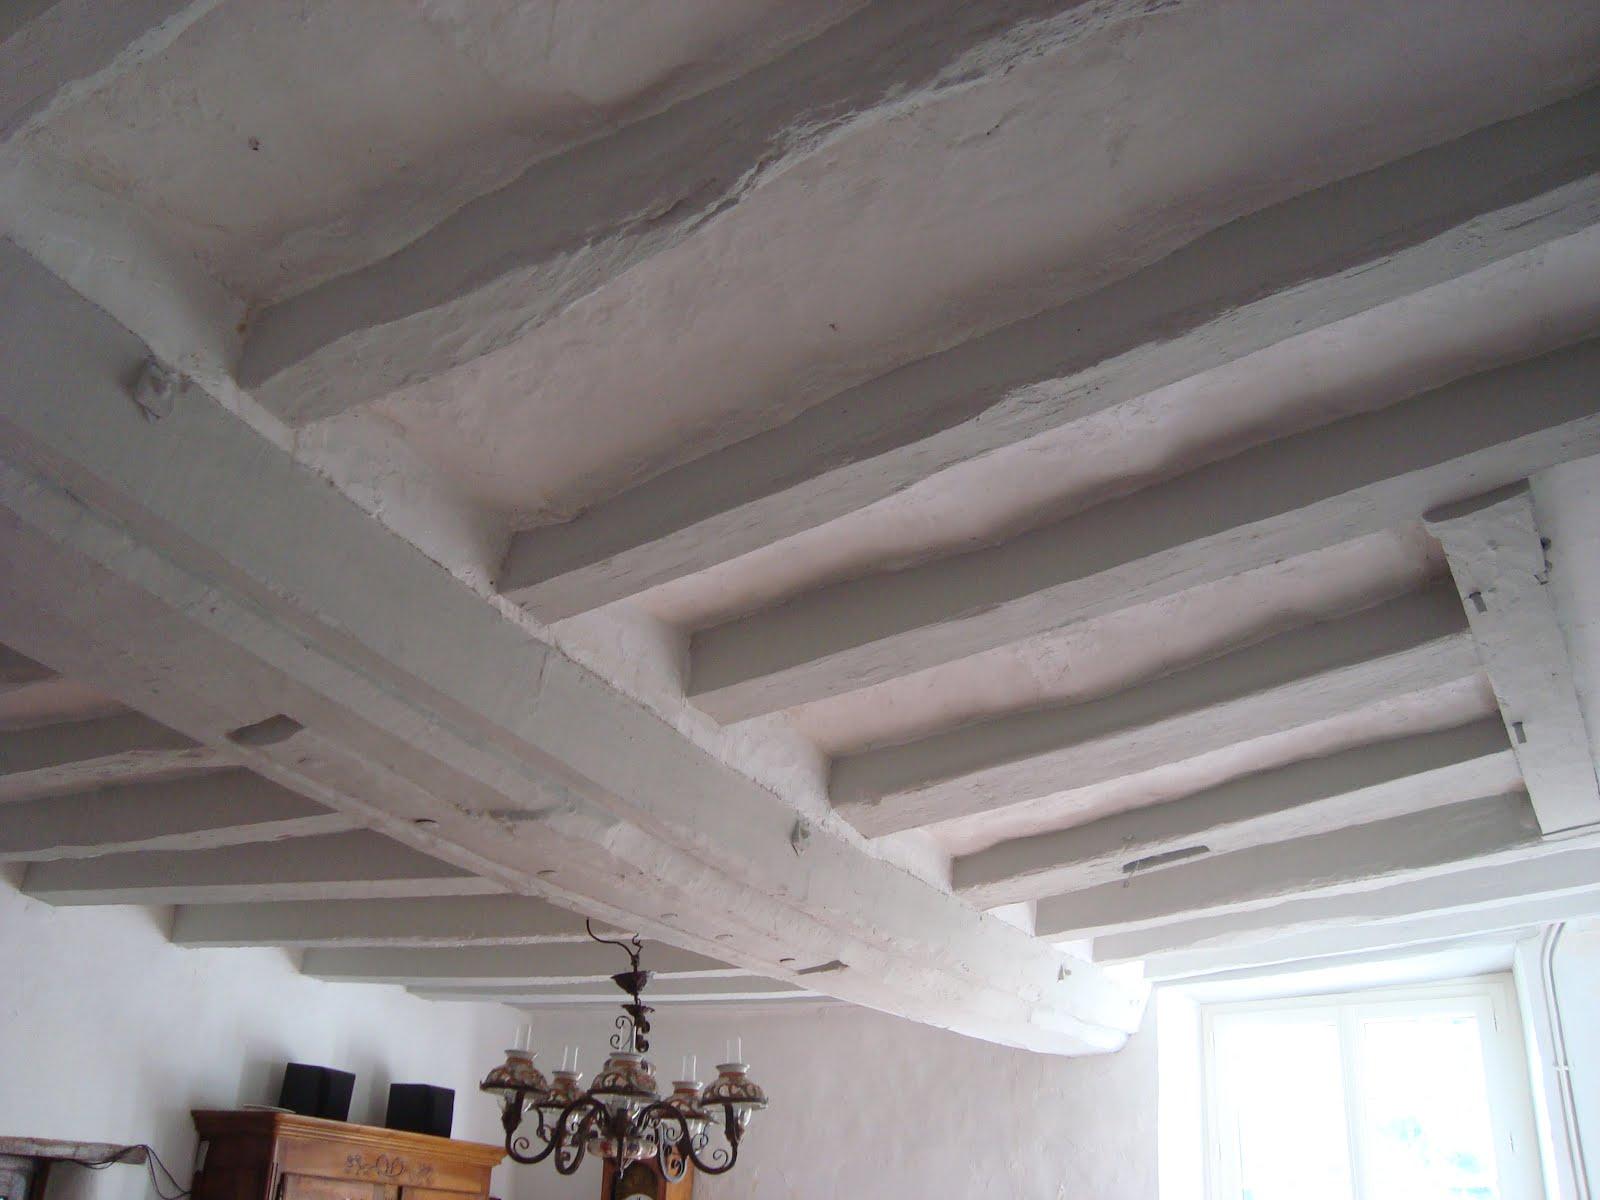 malardenti peinture et decor decoration d 39 interieur. Black Bedroom Furniture Sets. Home Design Ideas